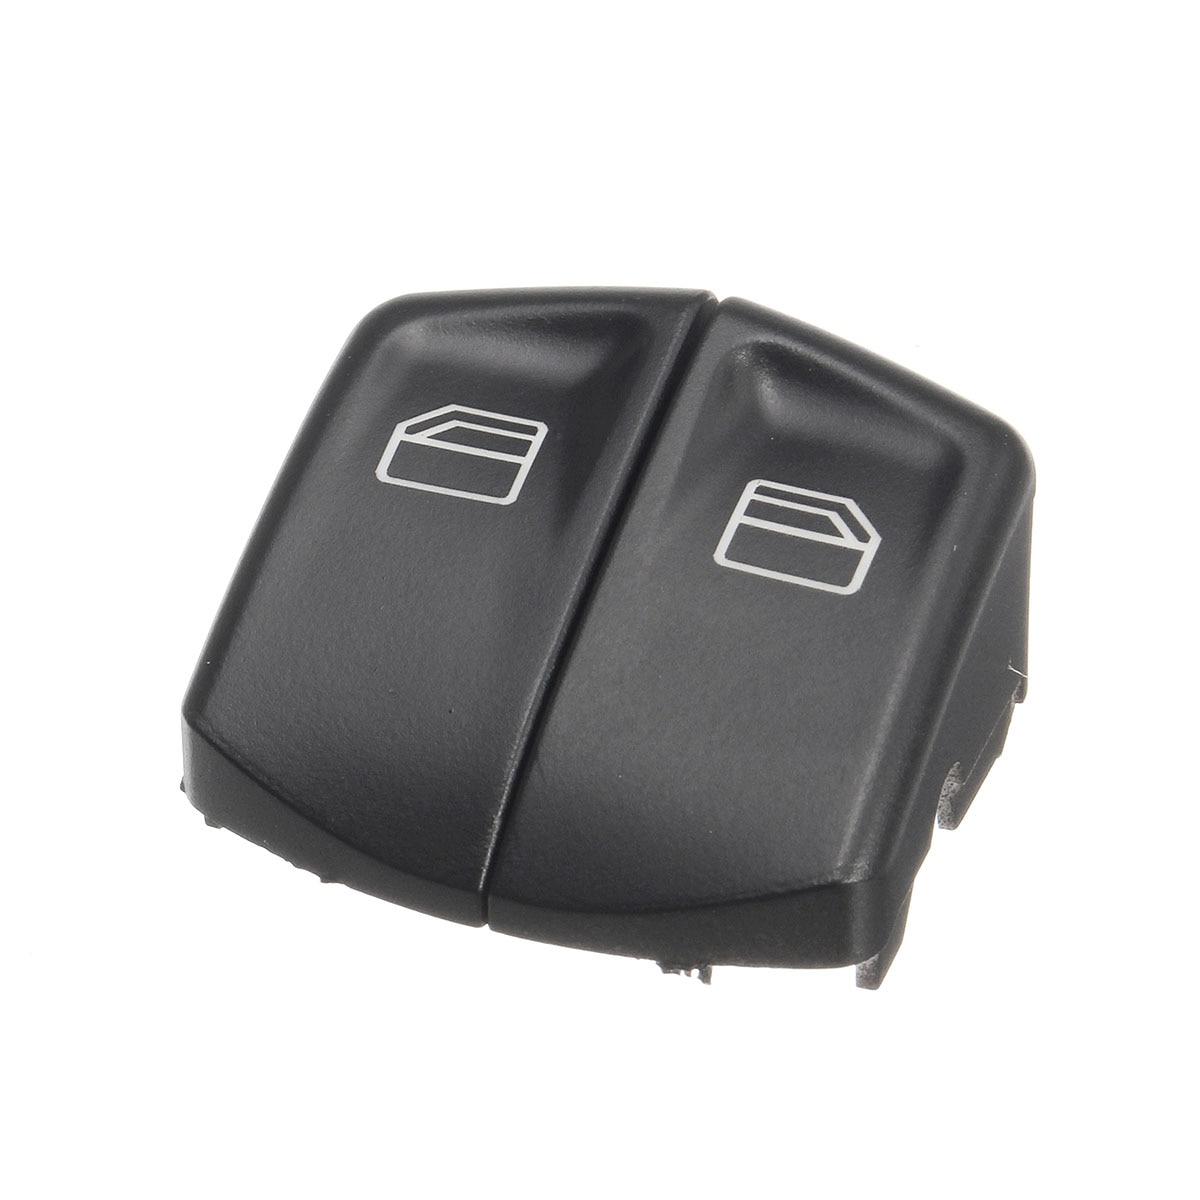 1 пара Автомобильный Электрический переключатель питания с управлением окном кнопочные Чехлы для Mercedes для Sprinter Vito Viano